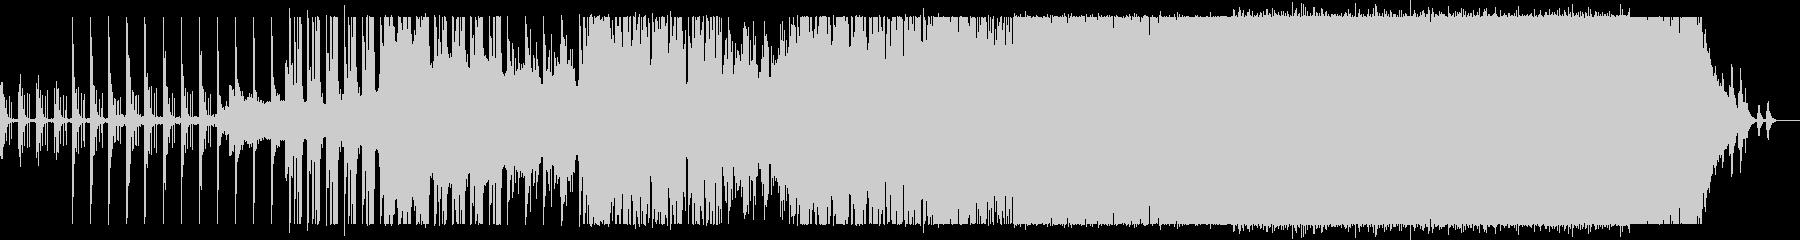 落ち着いたテンポの電子音楽。の未再生の波形